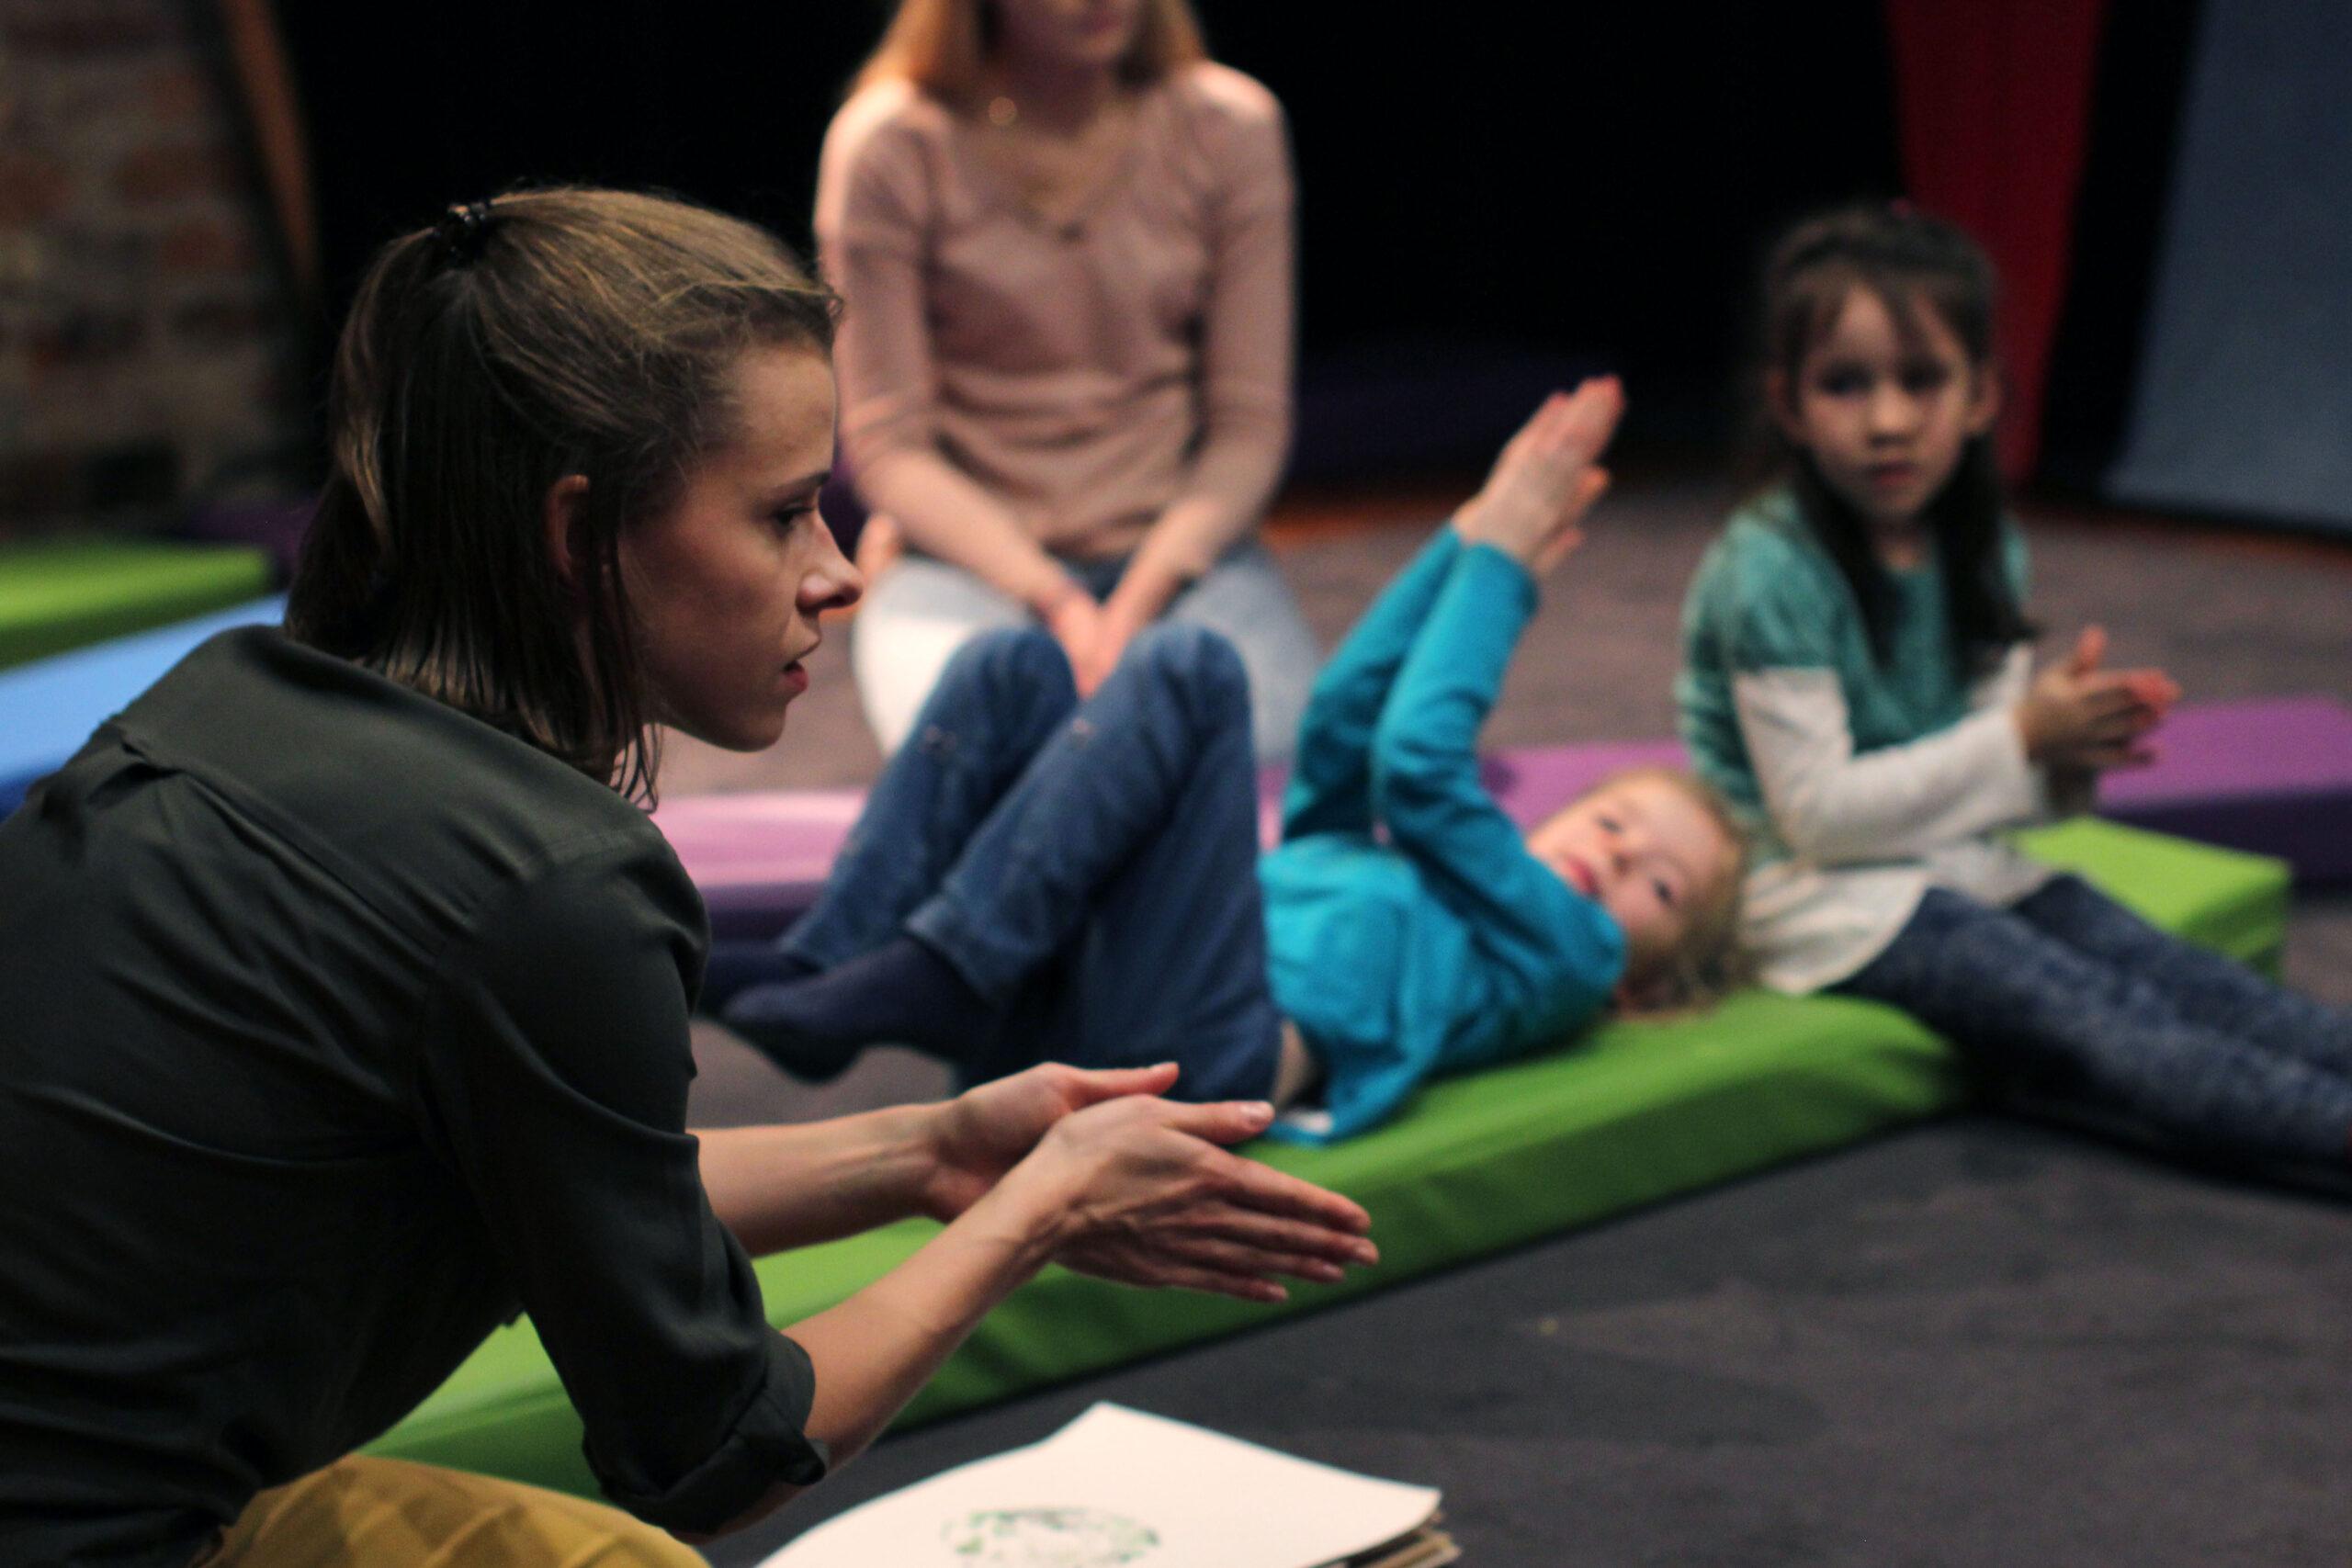 Po lewej stronie zdjęcia znajduje się aktorka rozgrzewająca dłonie. Na prawej stronie zdjęcia znajdują się dzieci powtarzające ruch za aktorką.